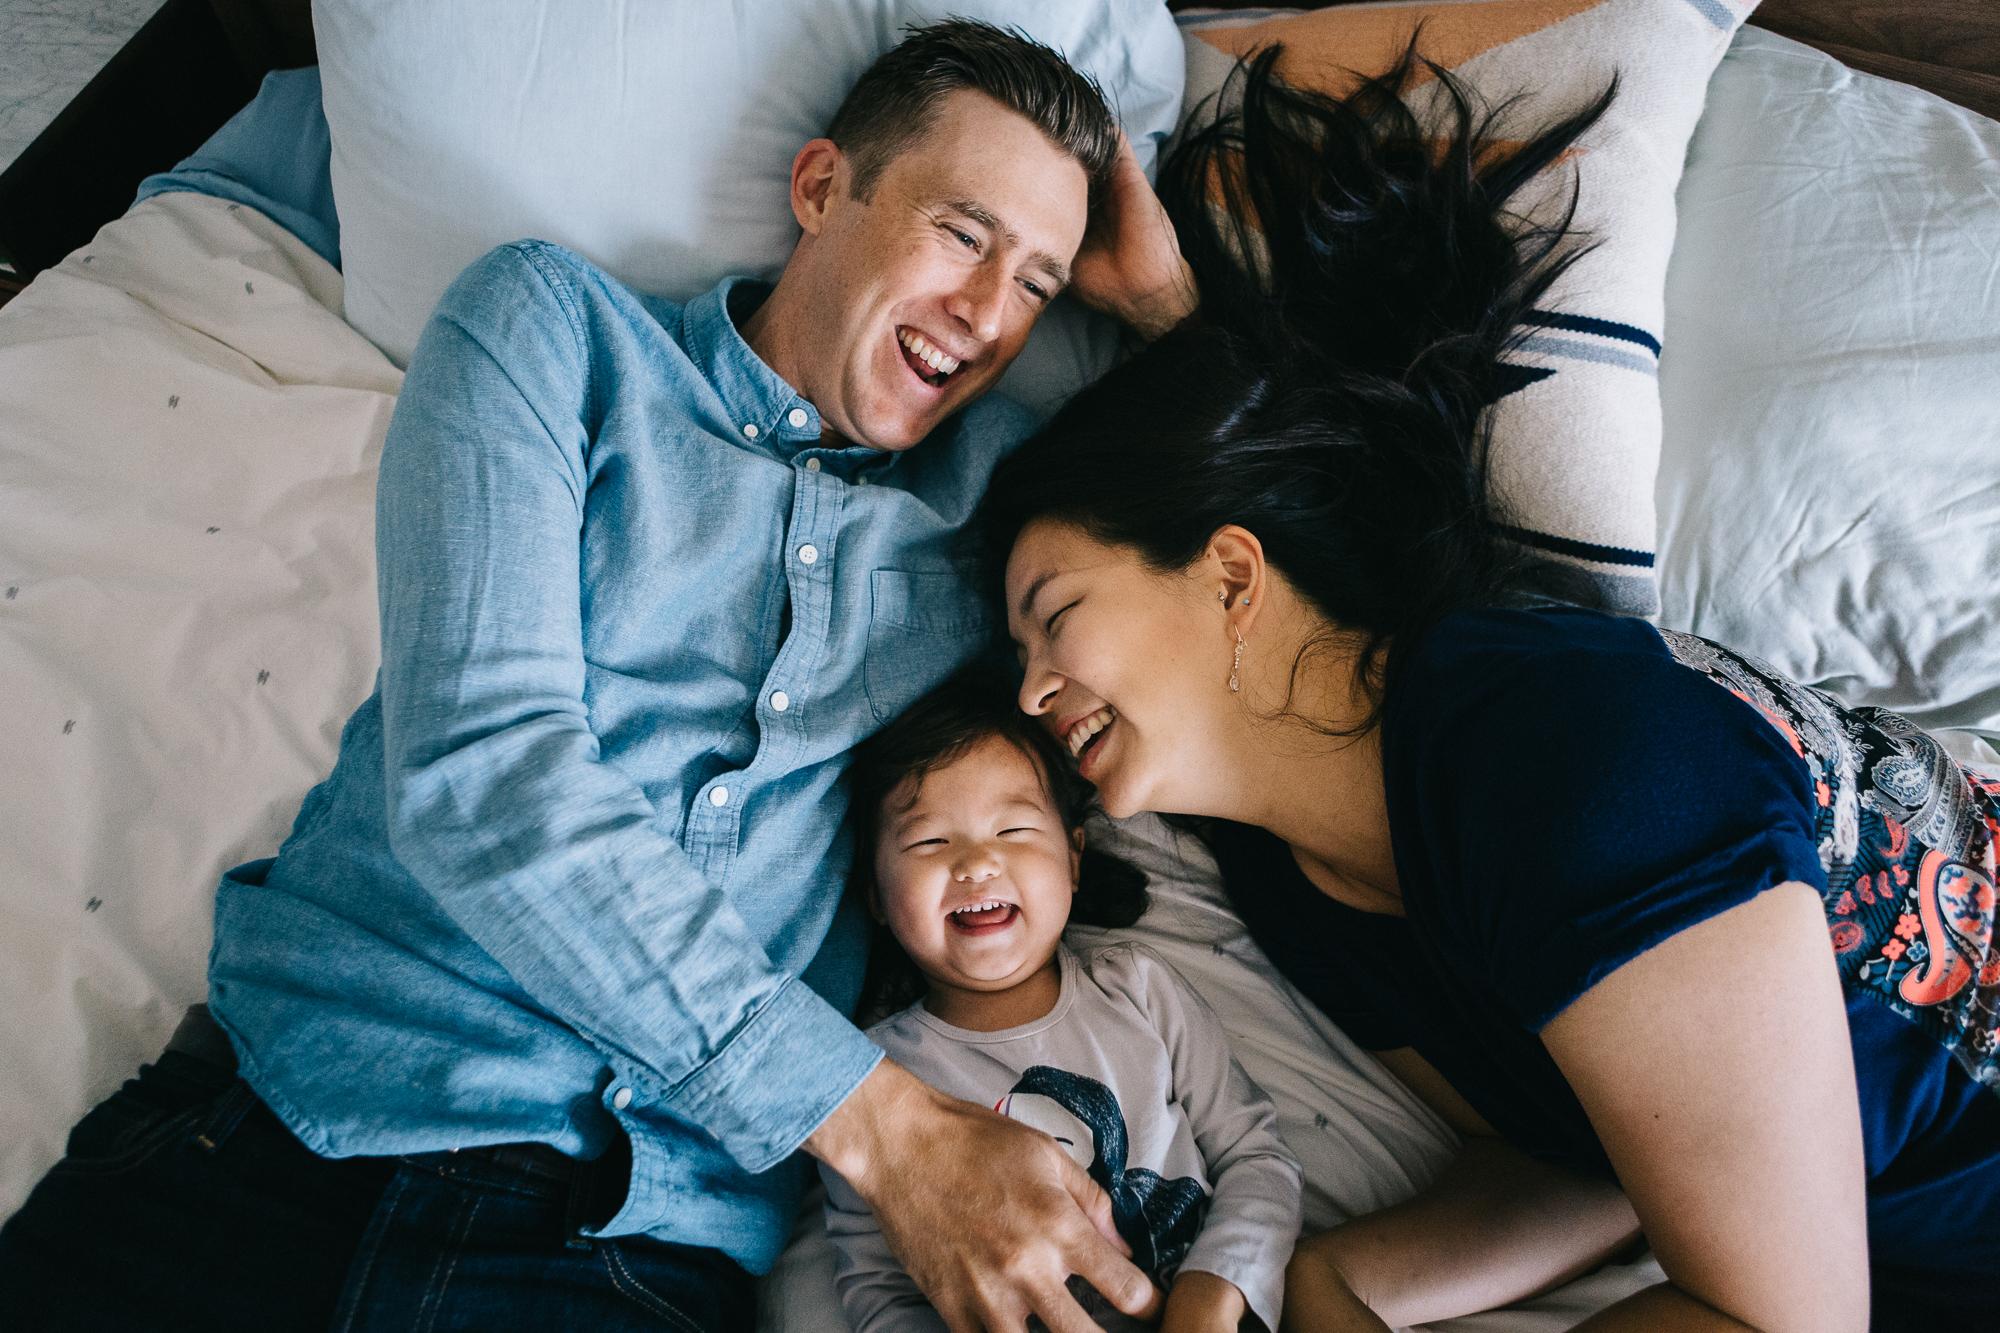 family-photography-documentary-photography-san-francisco-bay-area-wang.jpg